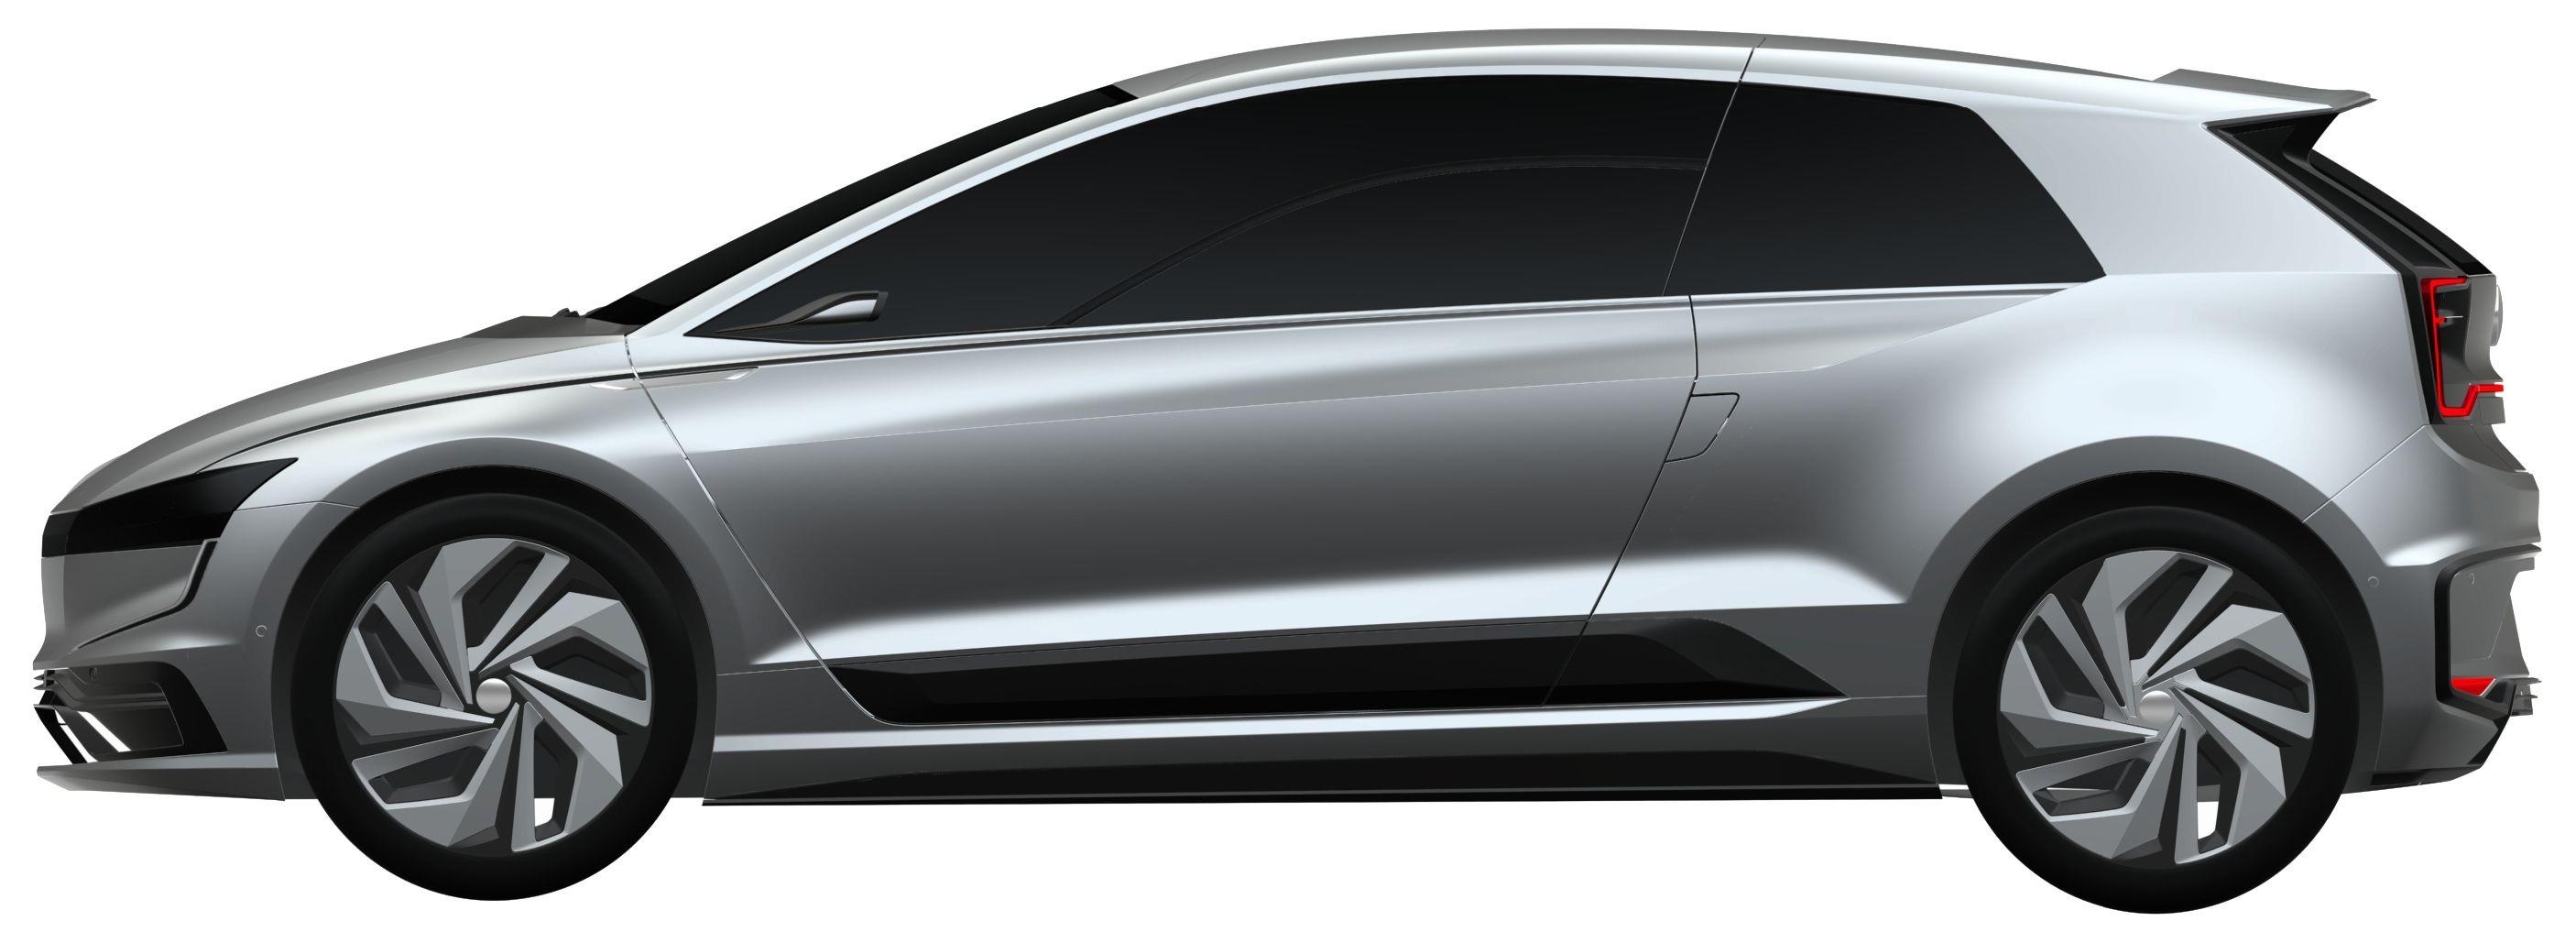 [Présentation] Le design par VW - Page 5 0201610056800501